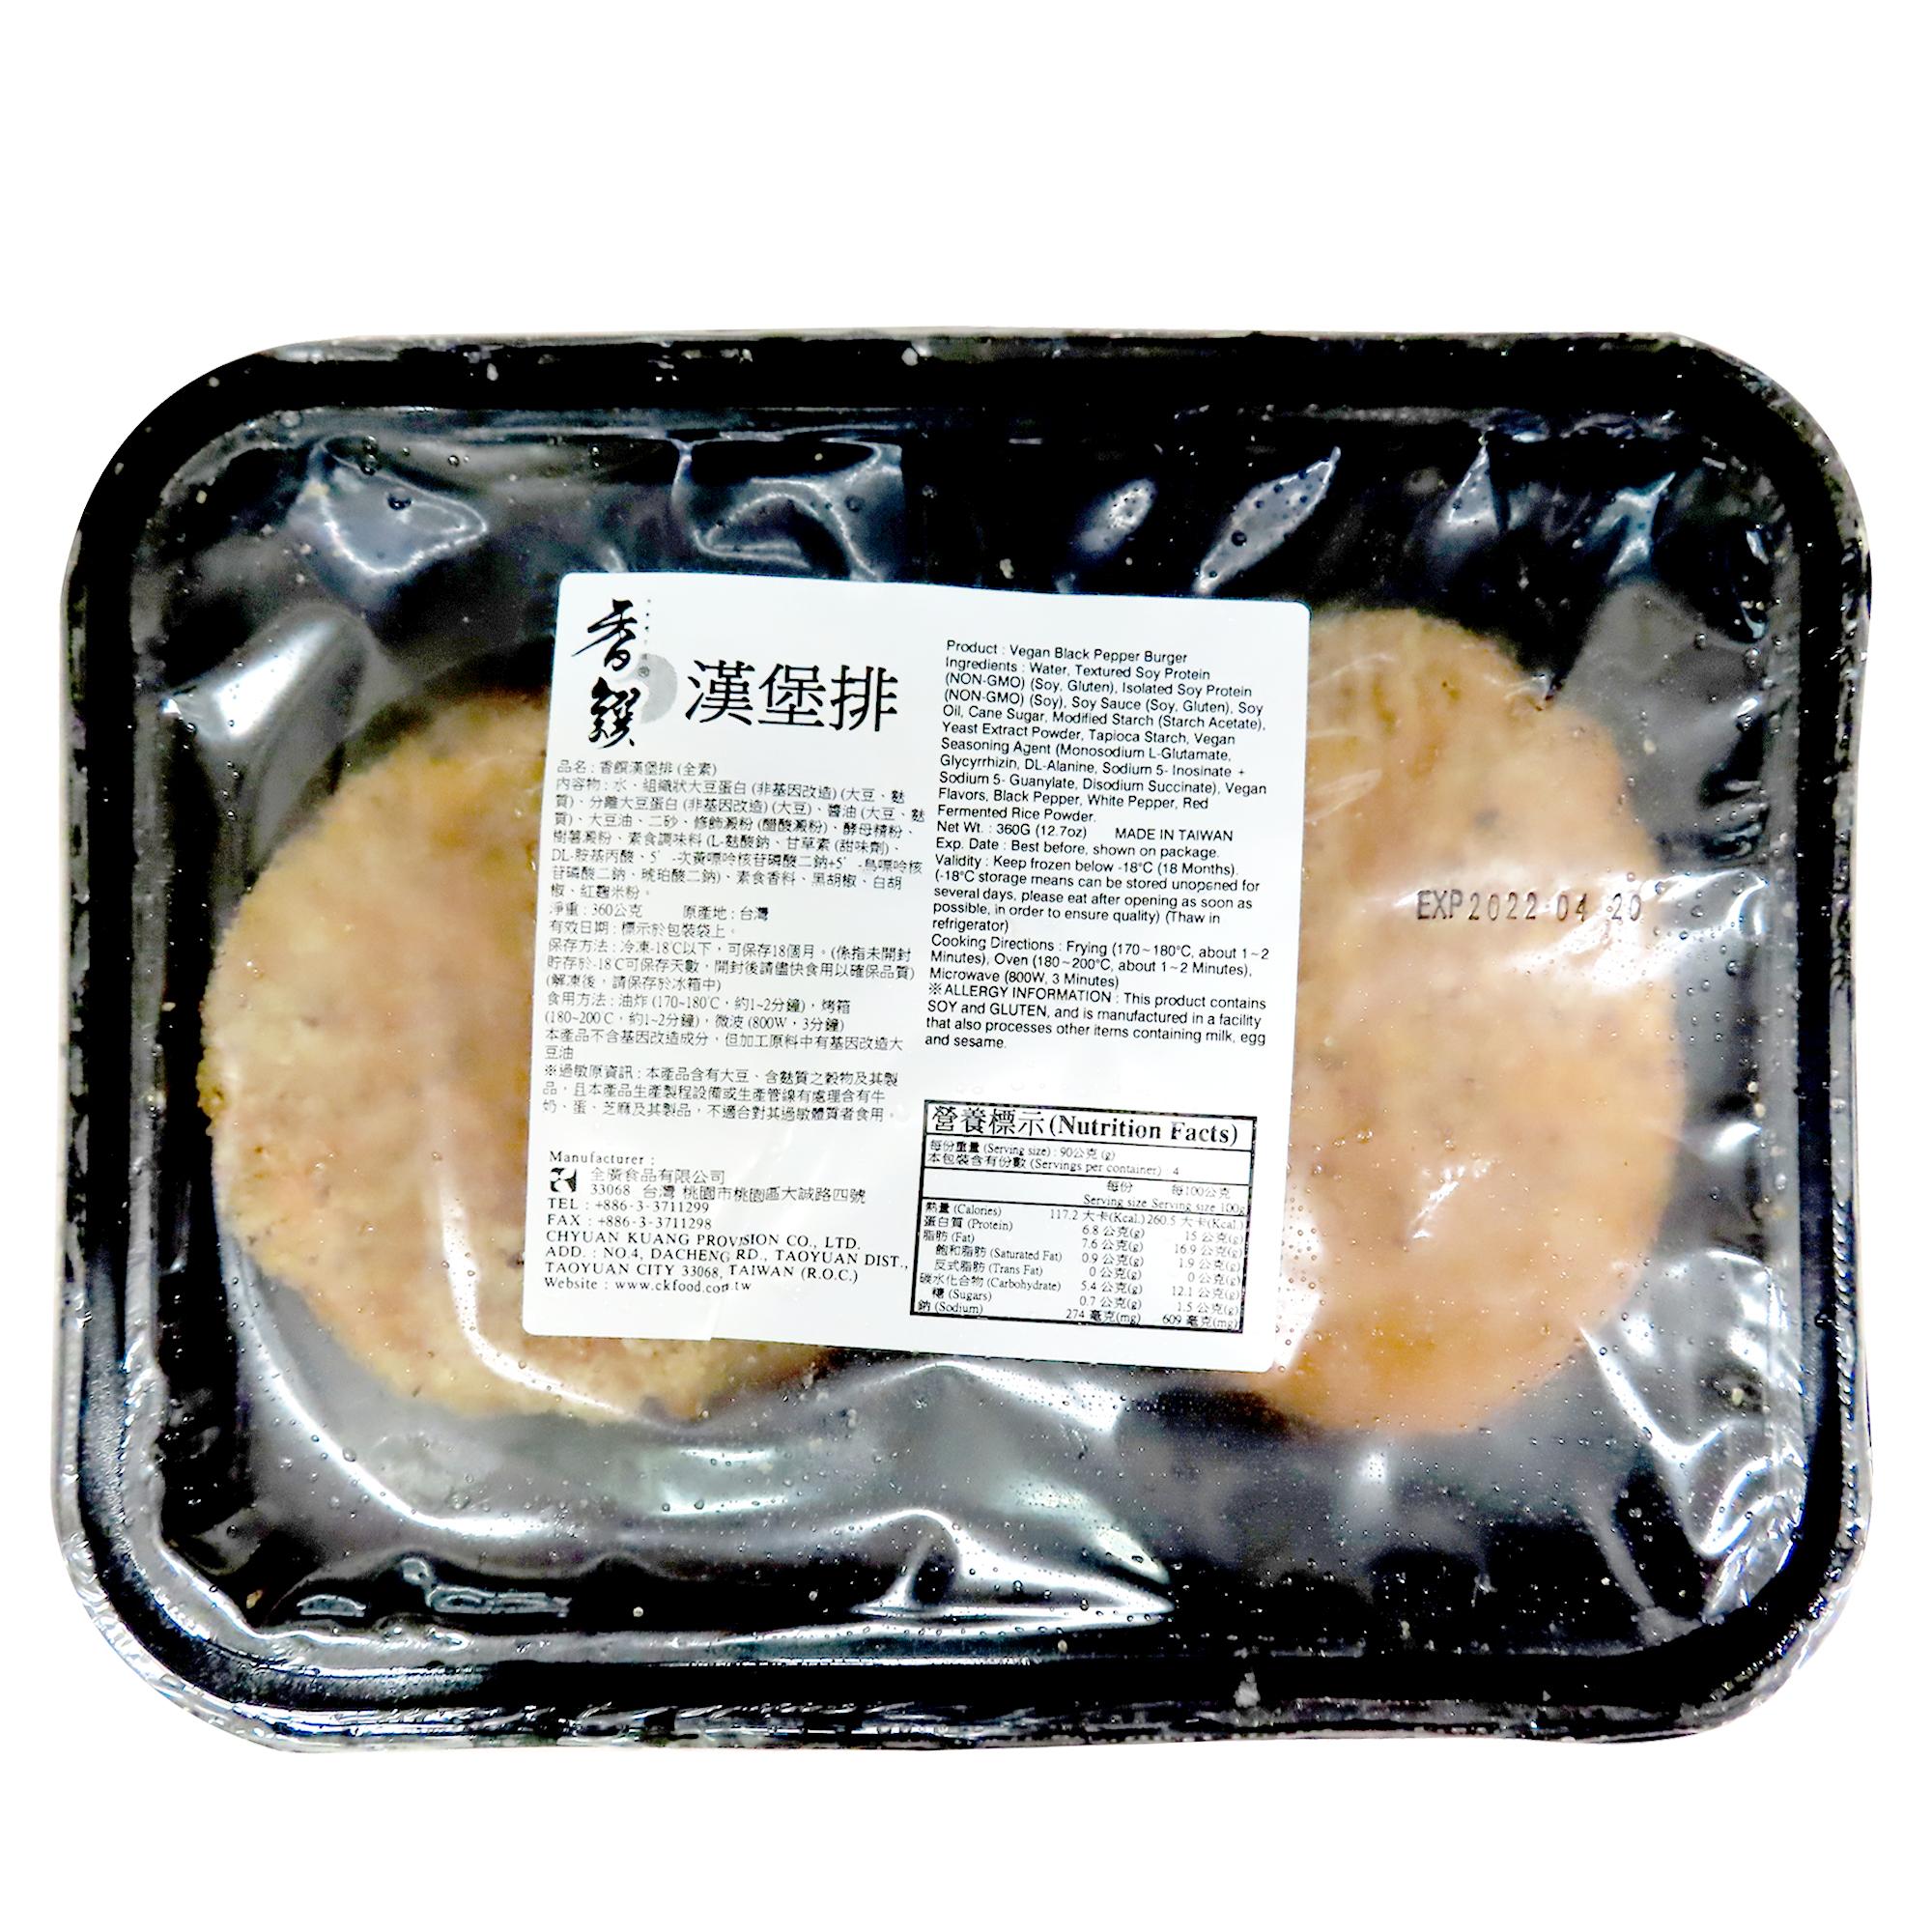 Image Ck Foods Vegan Black Pepper Burger 香馔汉堡排 360grams